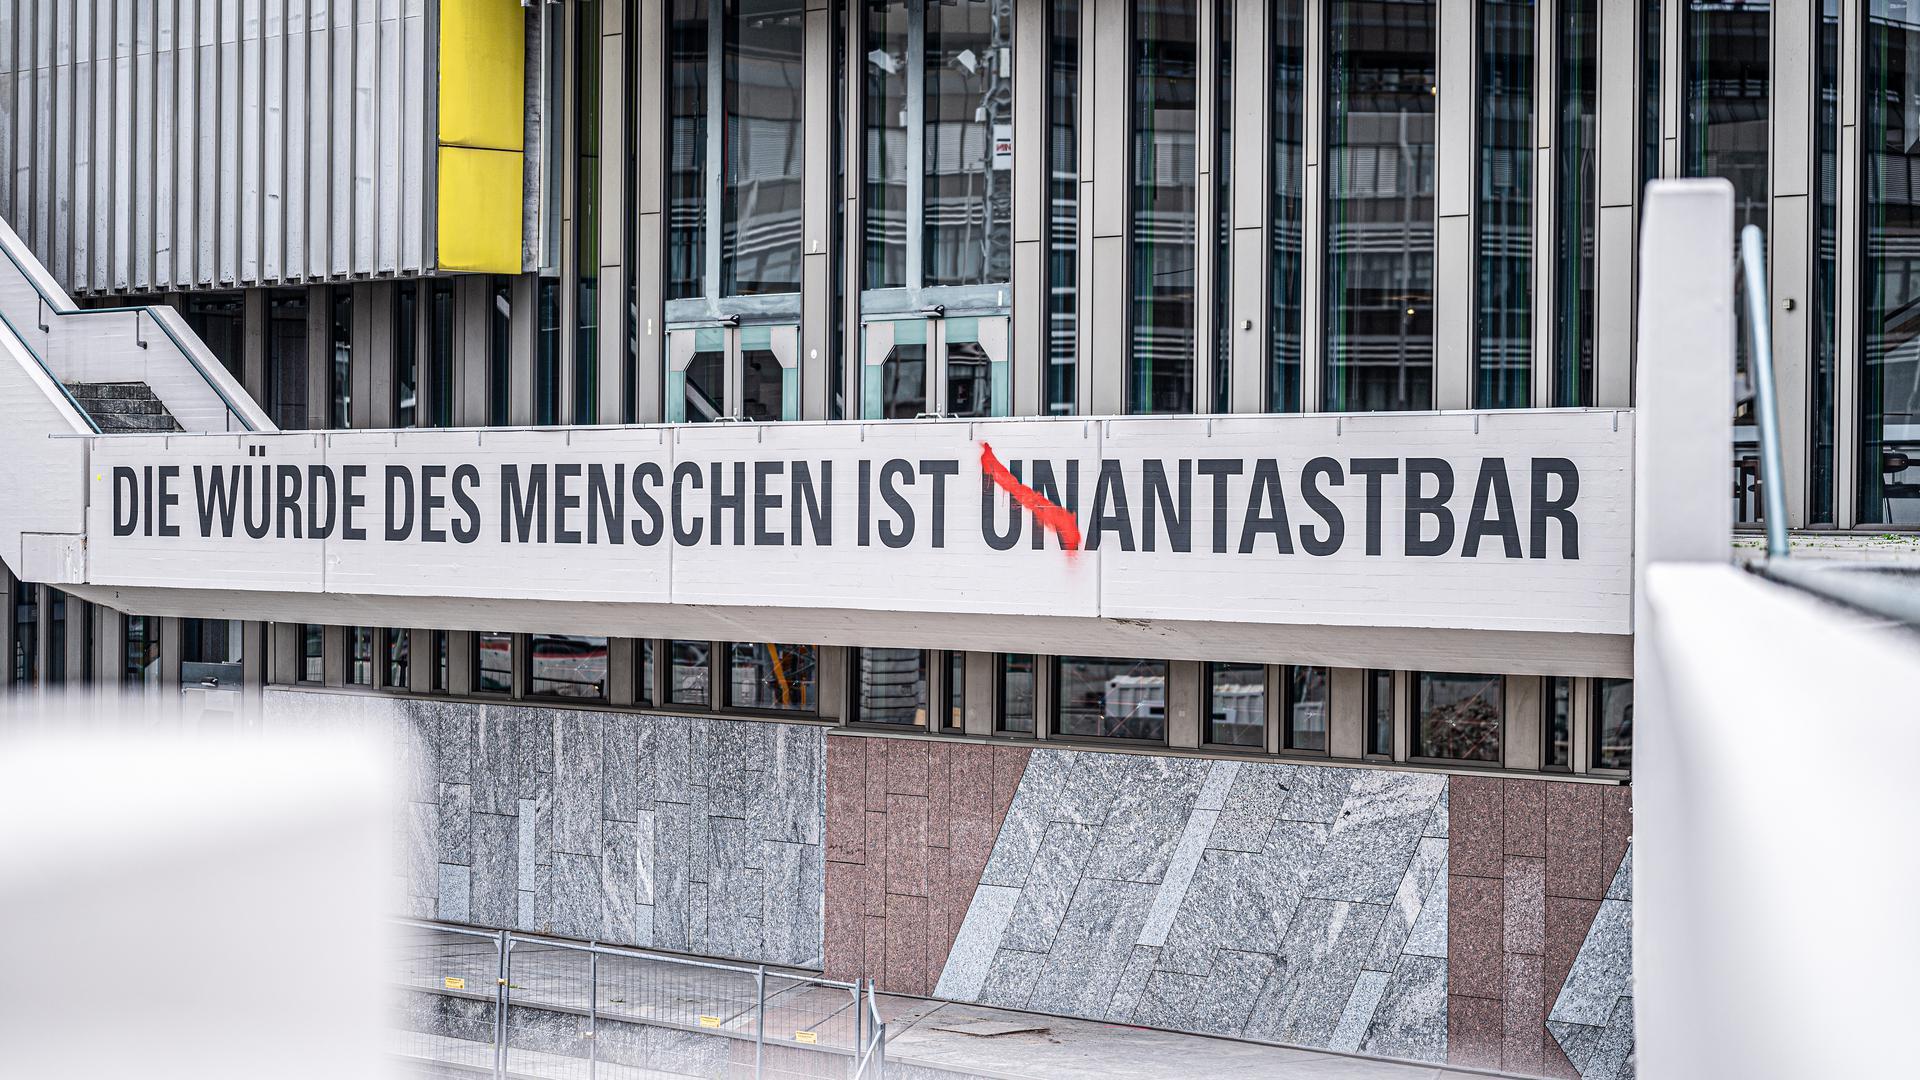 """Am Freitag hatten Karlsruher Kulturschaffende vor dem Badischen Staatstheater demonstriert. Der Schriftzug  """"Die Würde des Menschen ist unantastbar"""" wurde verändert."""